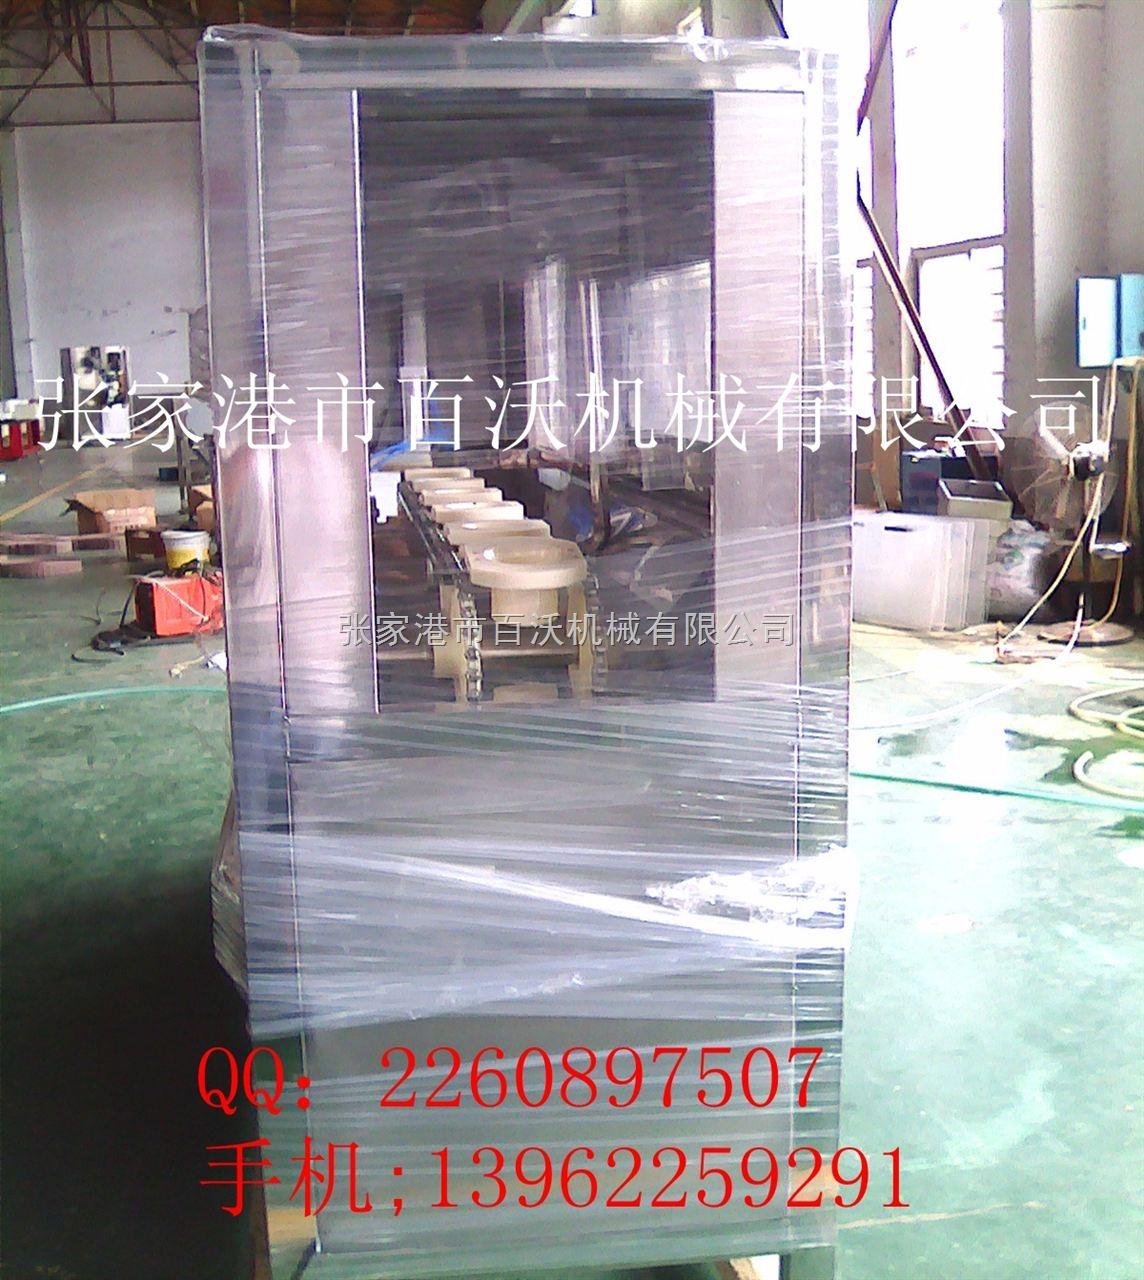 qf-150-张家港不锈钢五加仑桶装水灌装机/全自动灌装